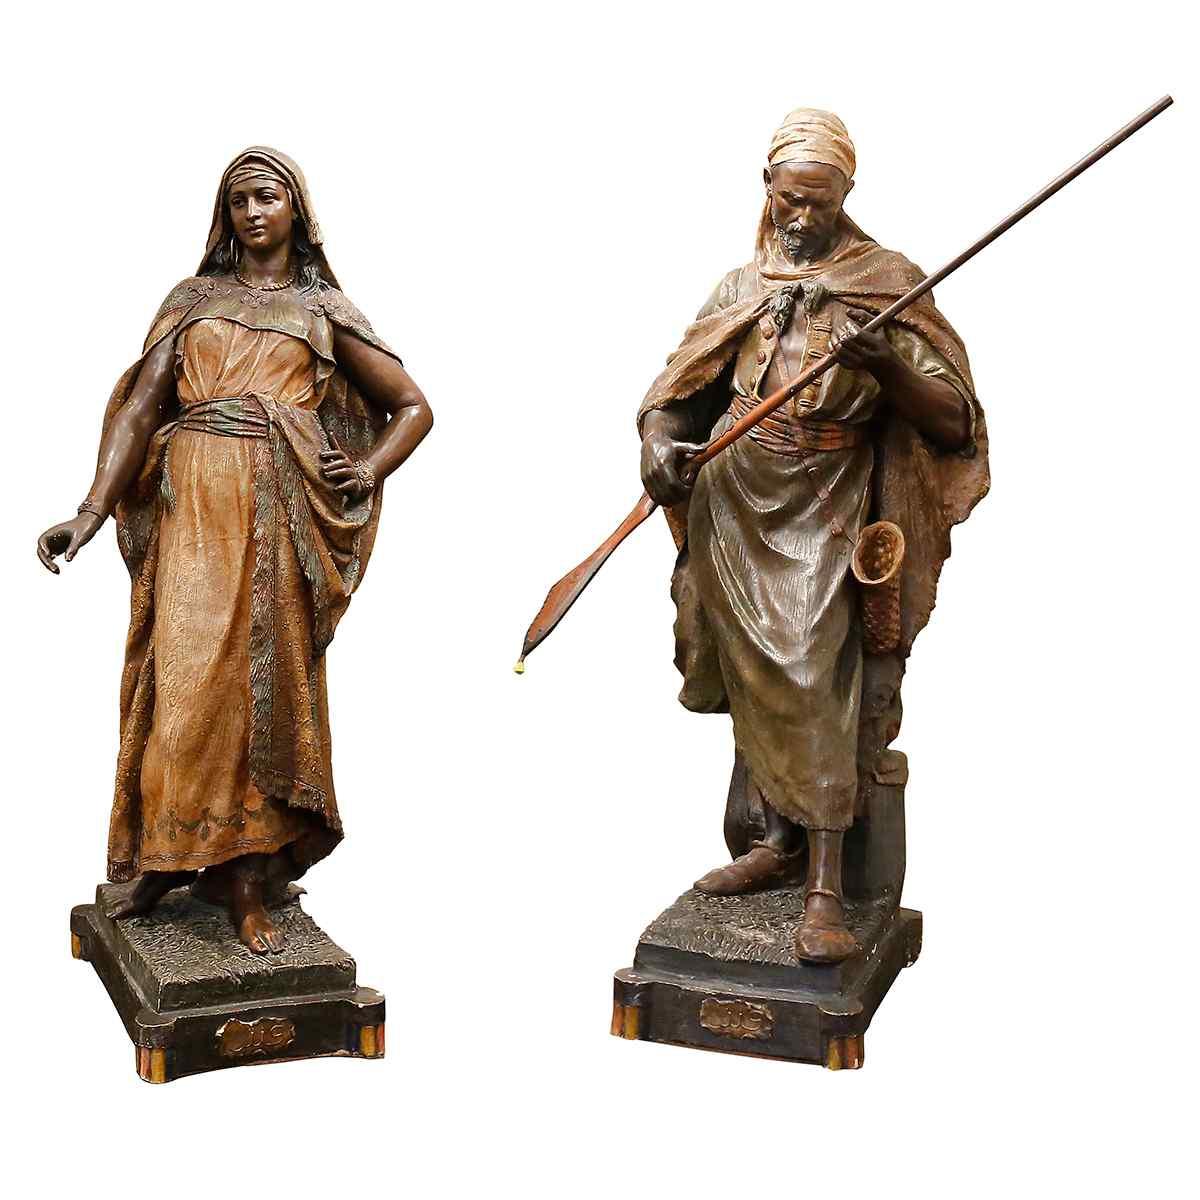 A Pair of Orientalist statues by Friedrich Goldscheider